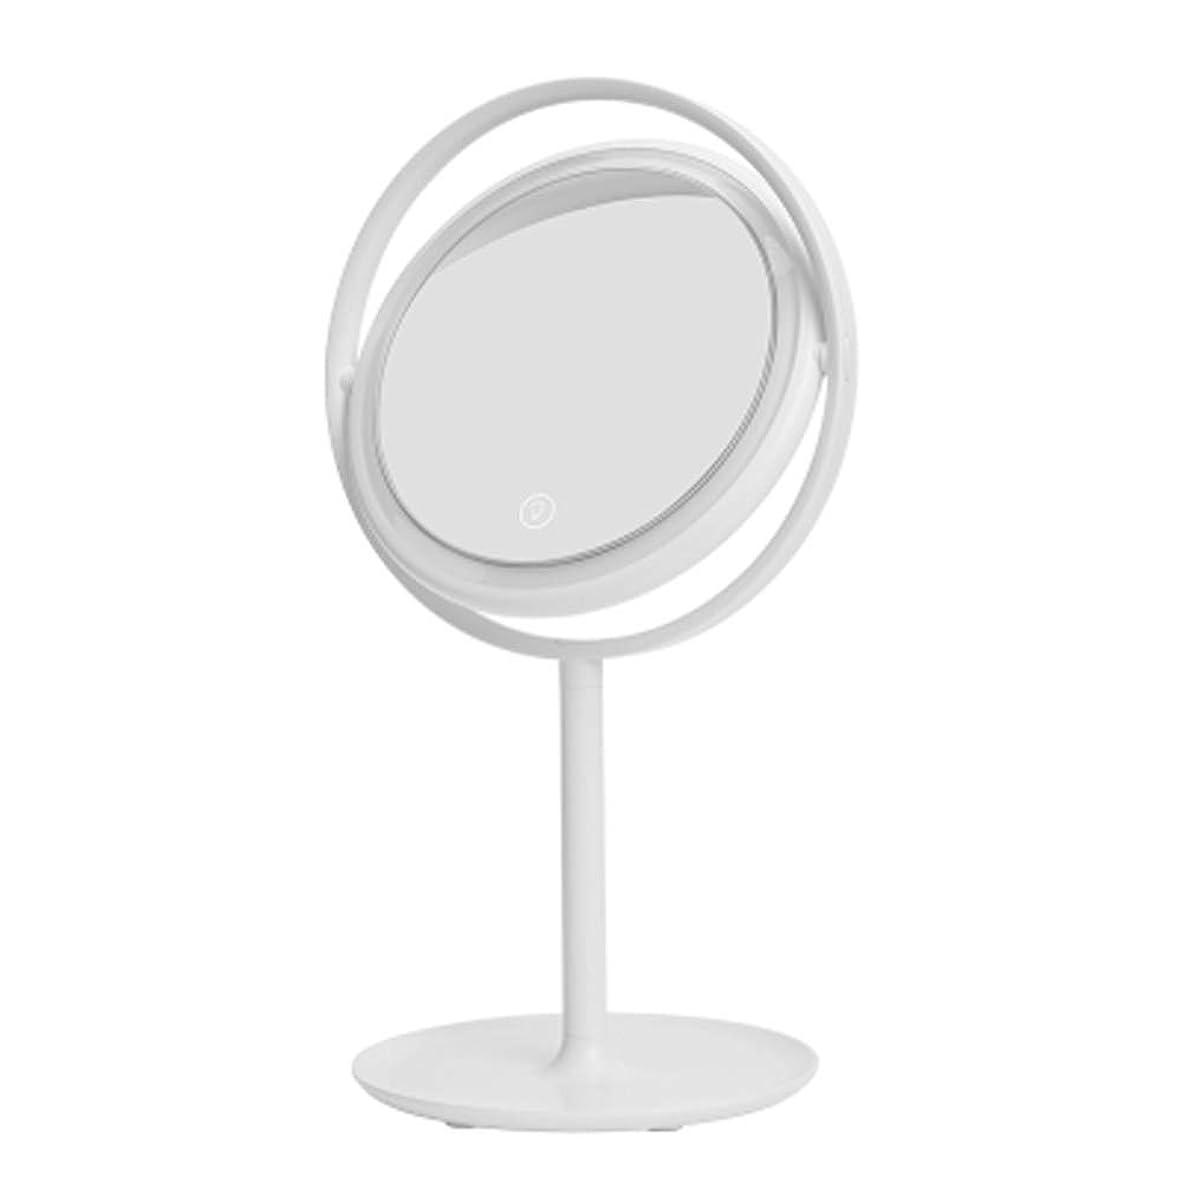 ぬるいの間で岩化粧鏡 ledミラー 折りたたみ式 コンパクト 化粧ミラー 女優ミラー 拡大鏡付き手鏡 携帯型 持ち運び便利 スタンド付き 電池式 ミラーメイクボックス 鏡付き女優ミラー 卓上ミラー ライトの明るさを調節可能 360°回転,白